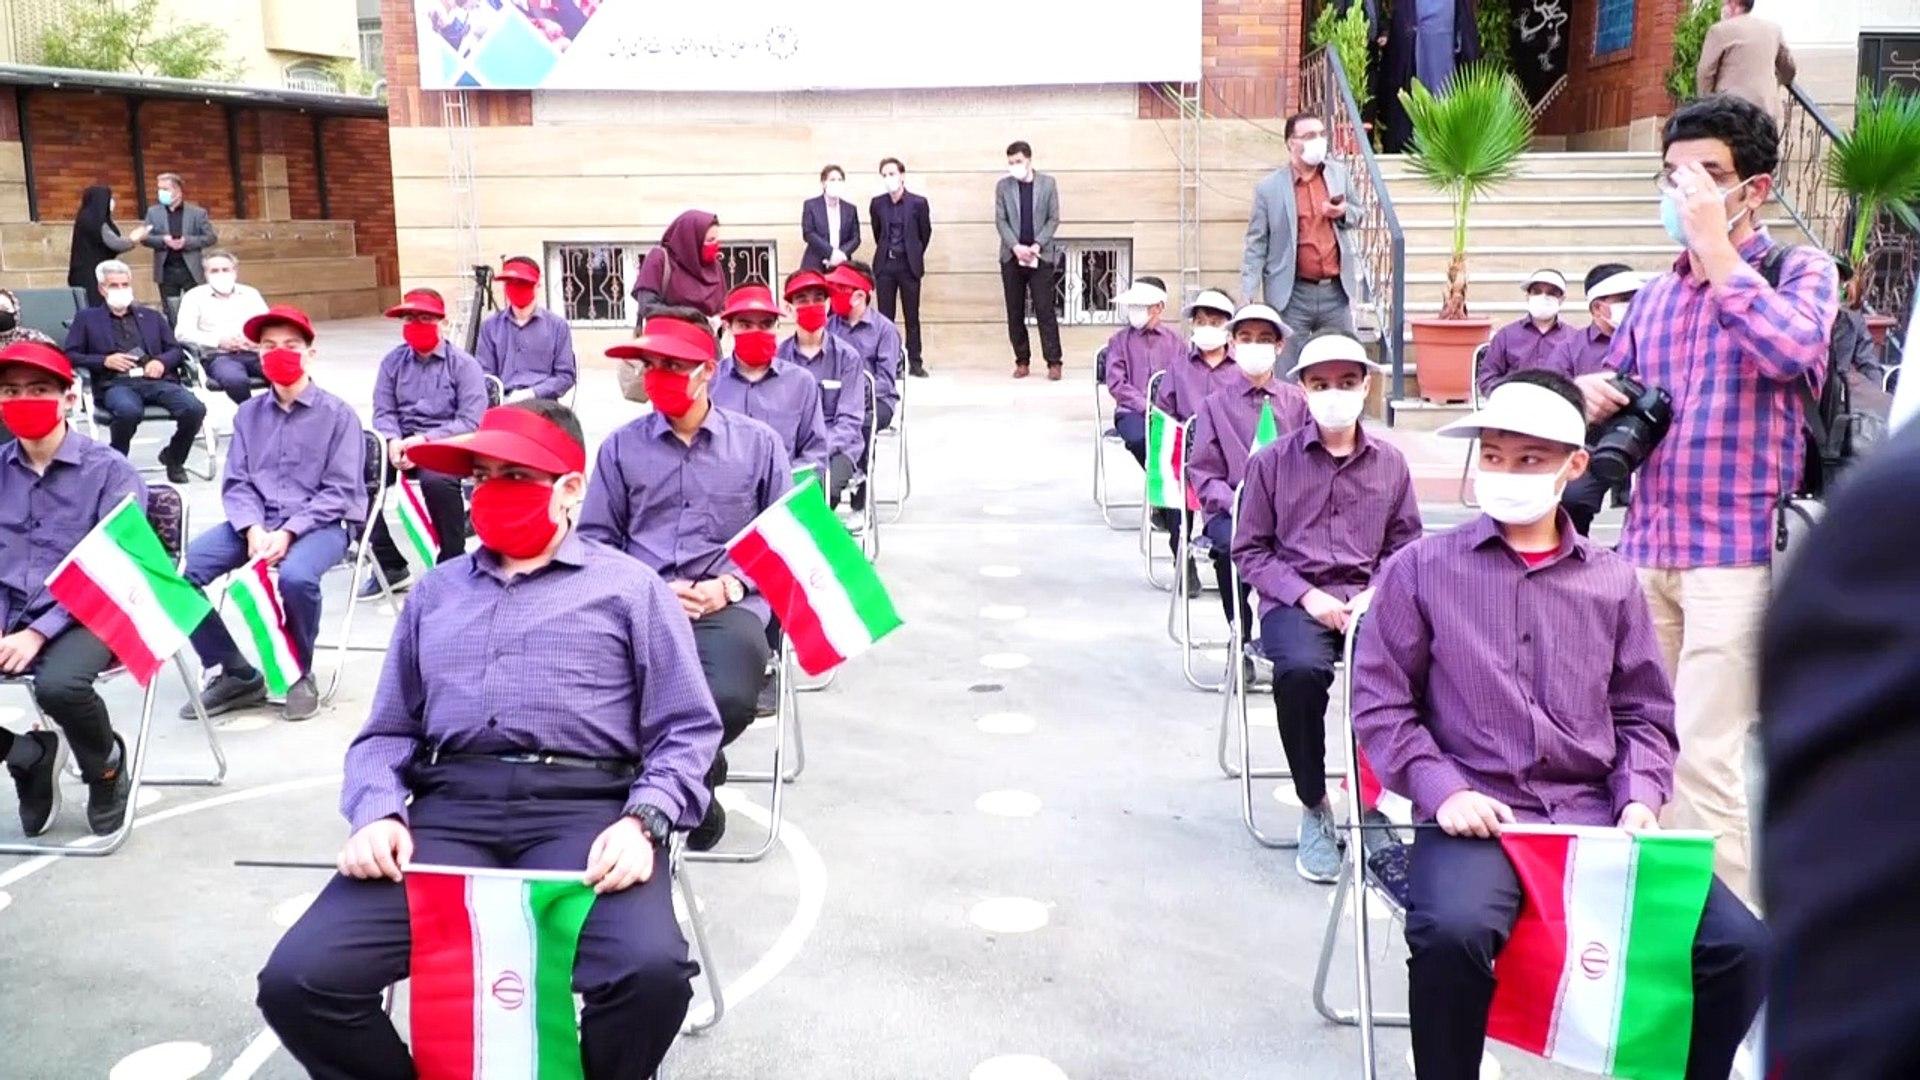 تلامذة يعودون الى المدارس في إيران وسط مخاوف من كوفيد-19